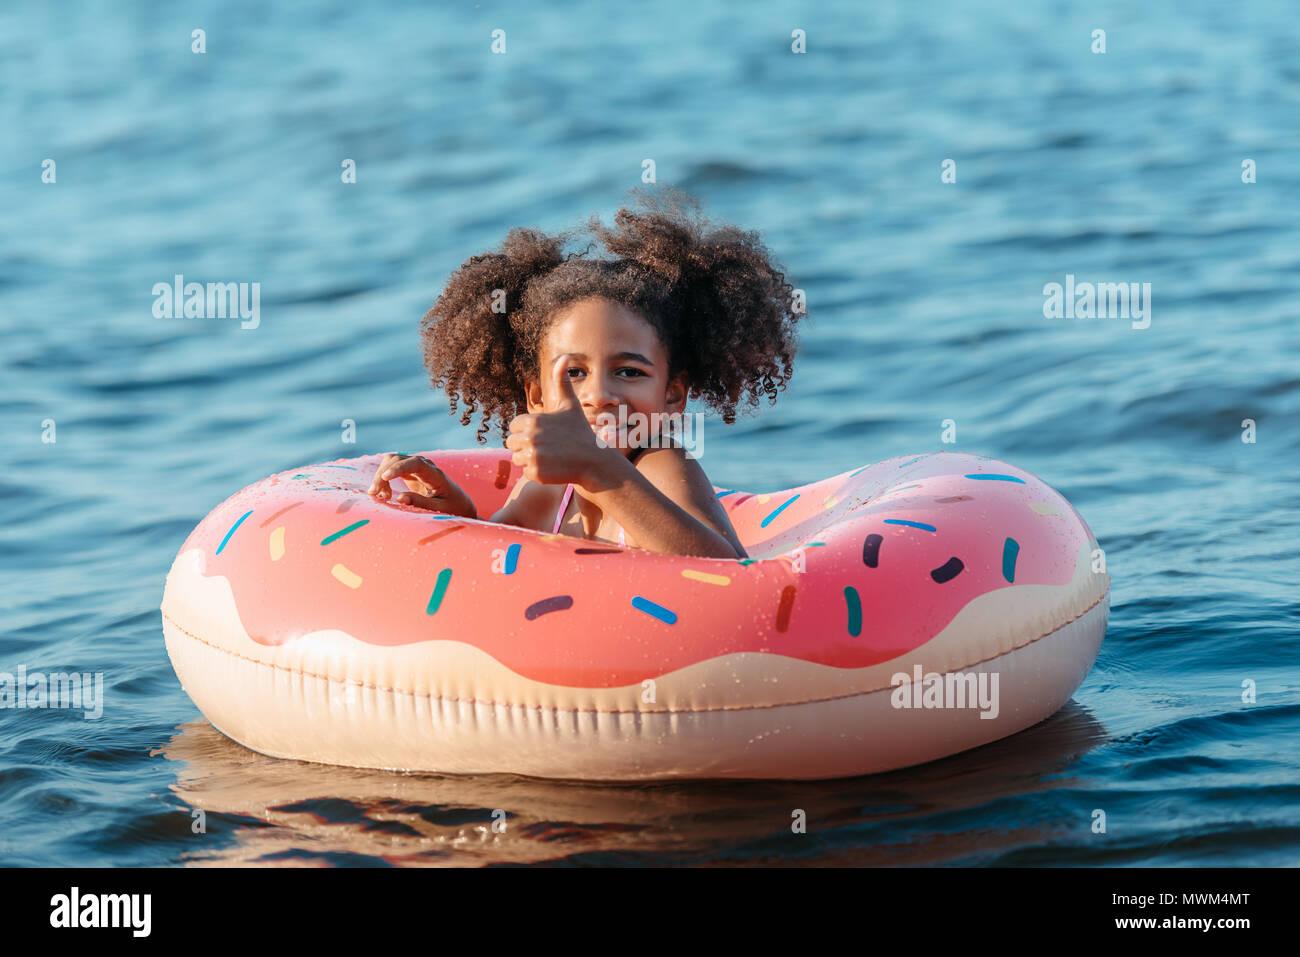 Cute sonriente joven afroamericano nadando en anillo de caucho y mostrando el pulgar hacia arriba Imagen De Stock